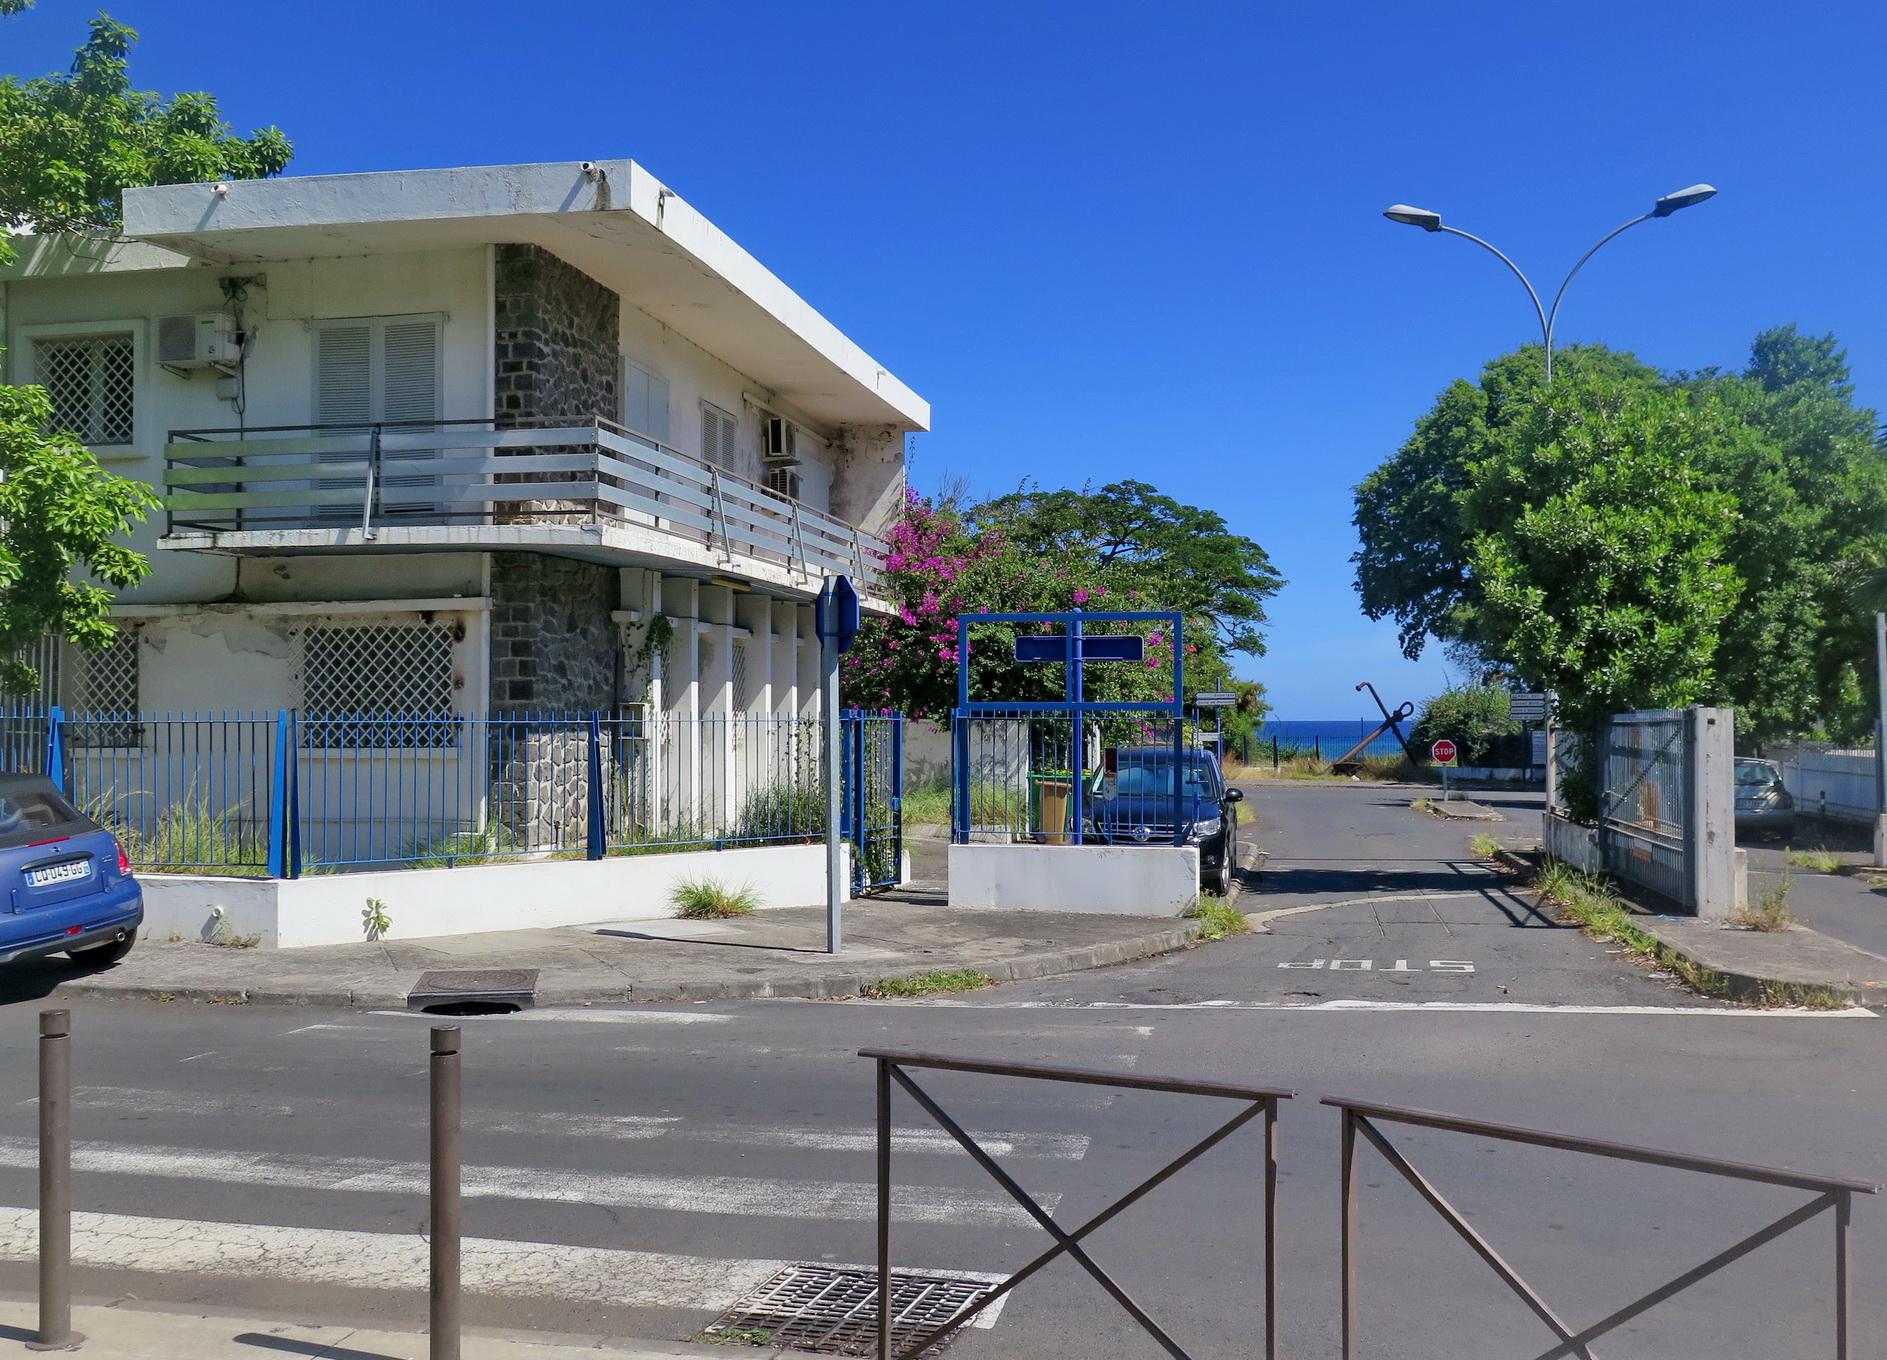 [Vie des ports] Les ports de la Réunion - Page 9 281627floral264